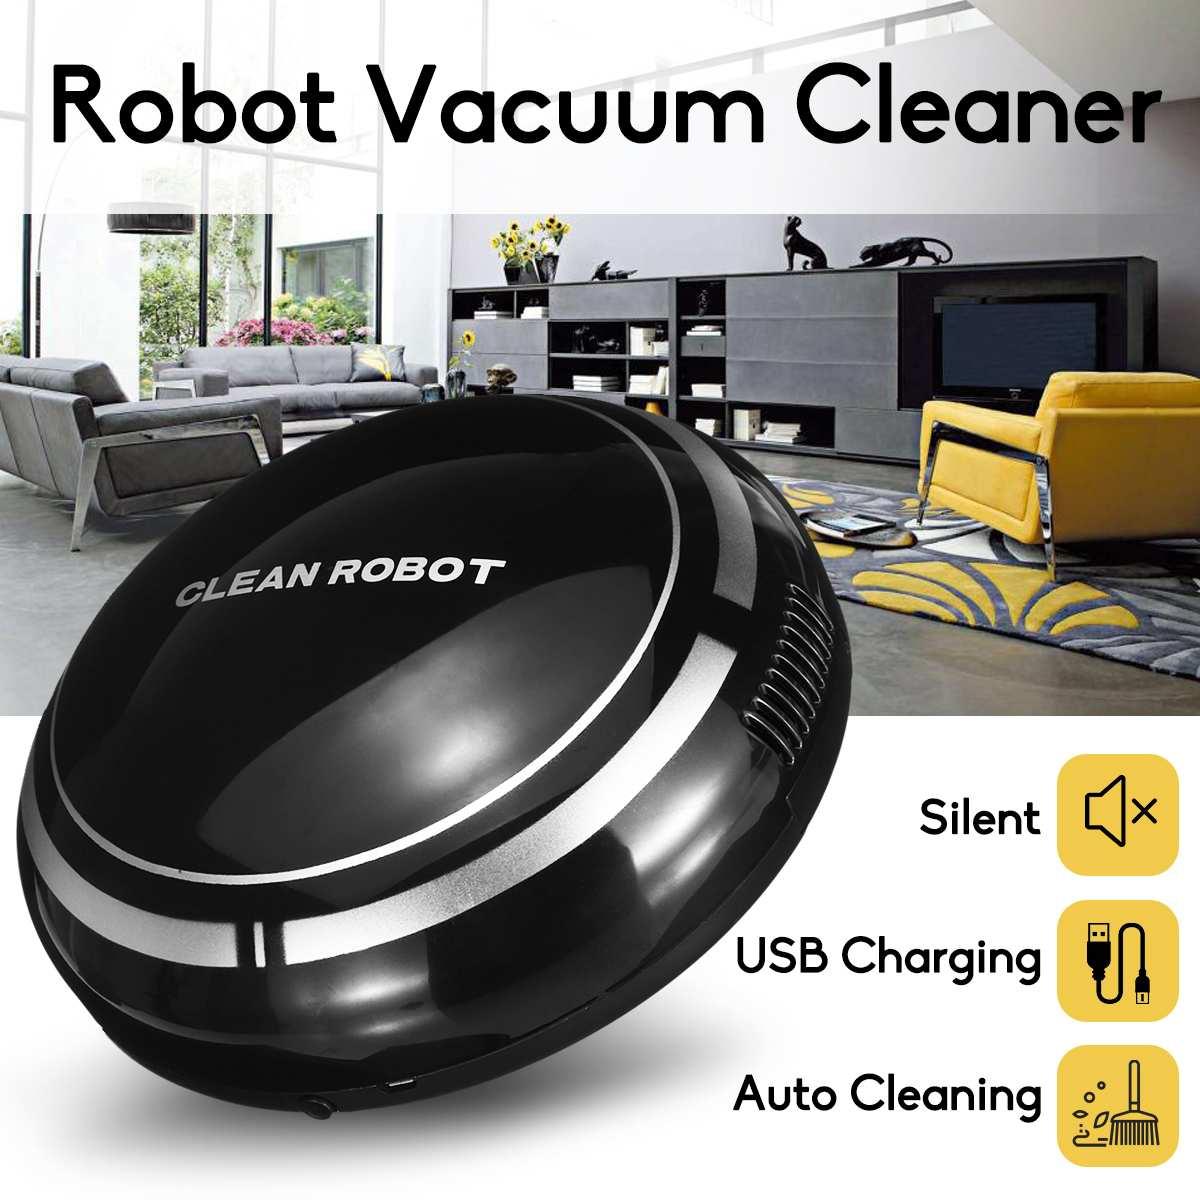 Inteligente robô automático máquina de limpeza a vácuo inteligente chão varrendo pó coletor tapete mais limpo para casa limpeza automática